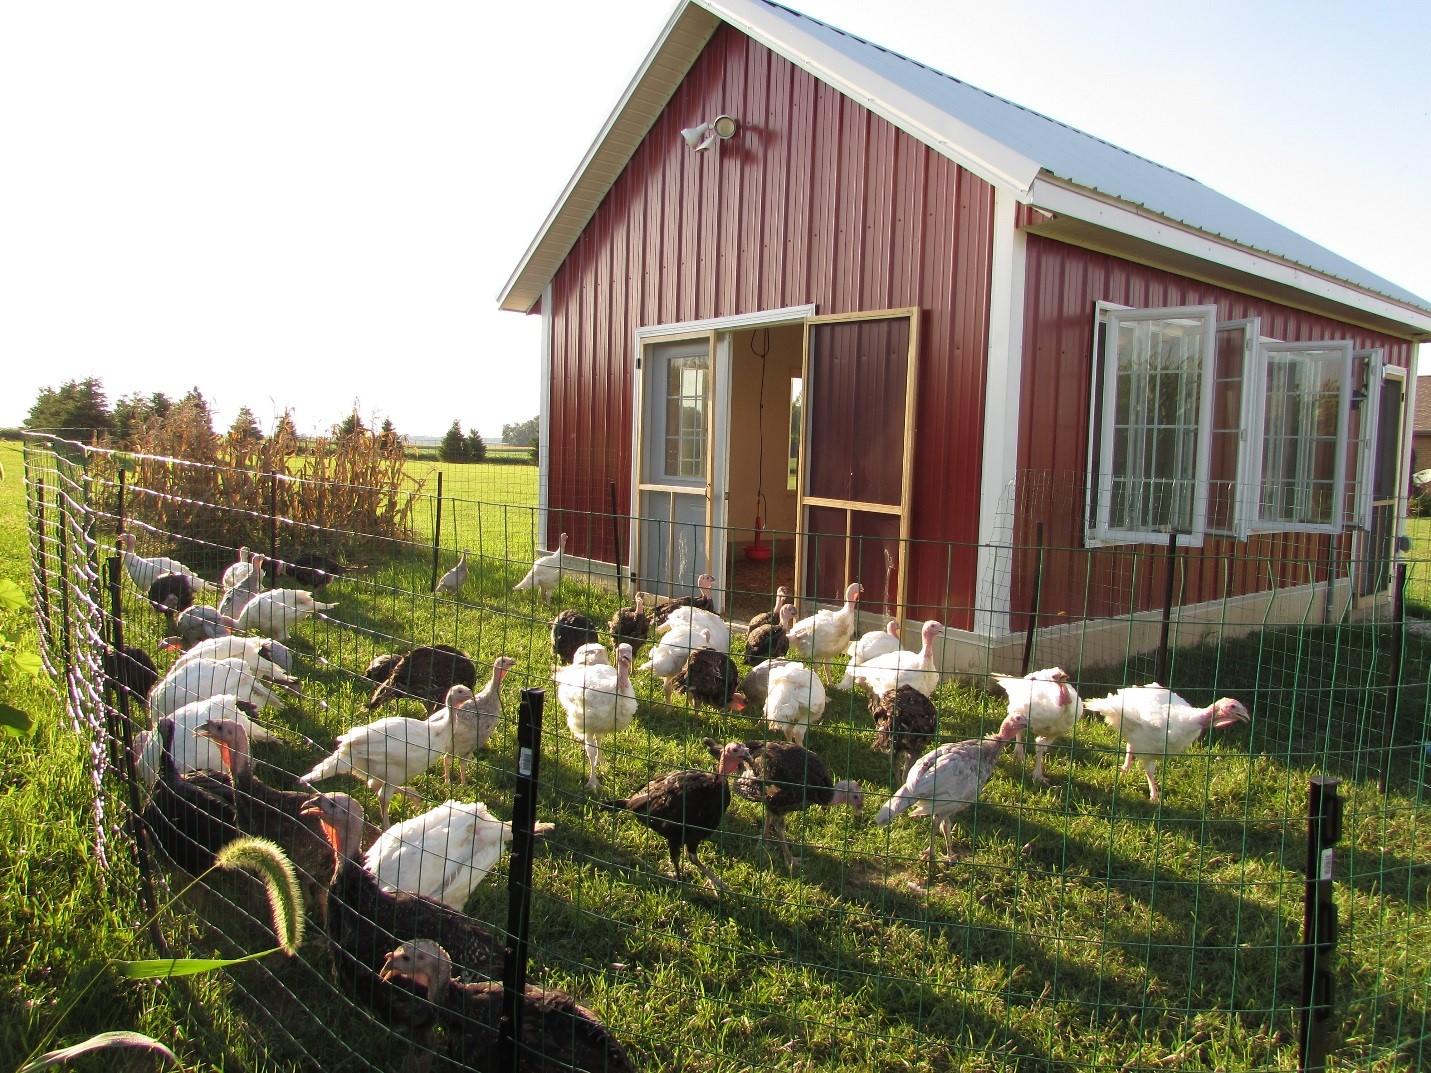 Pardon Me Ohio Turkey Farm To Present Presidential Turkey